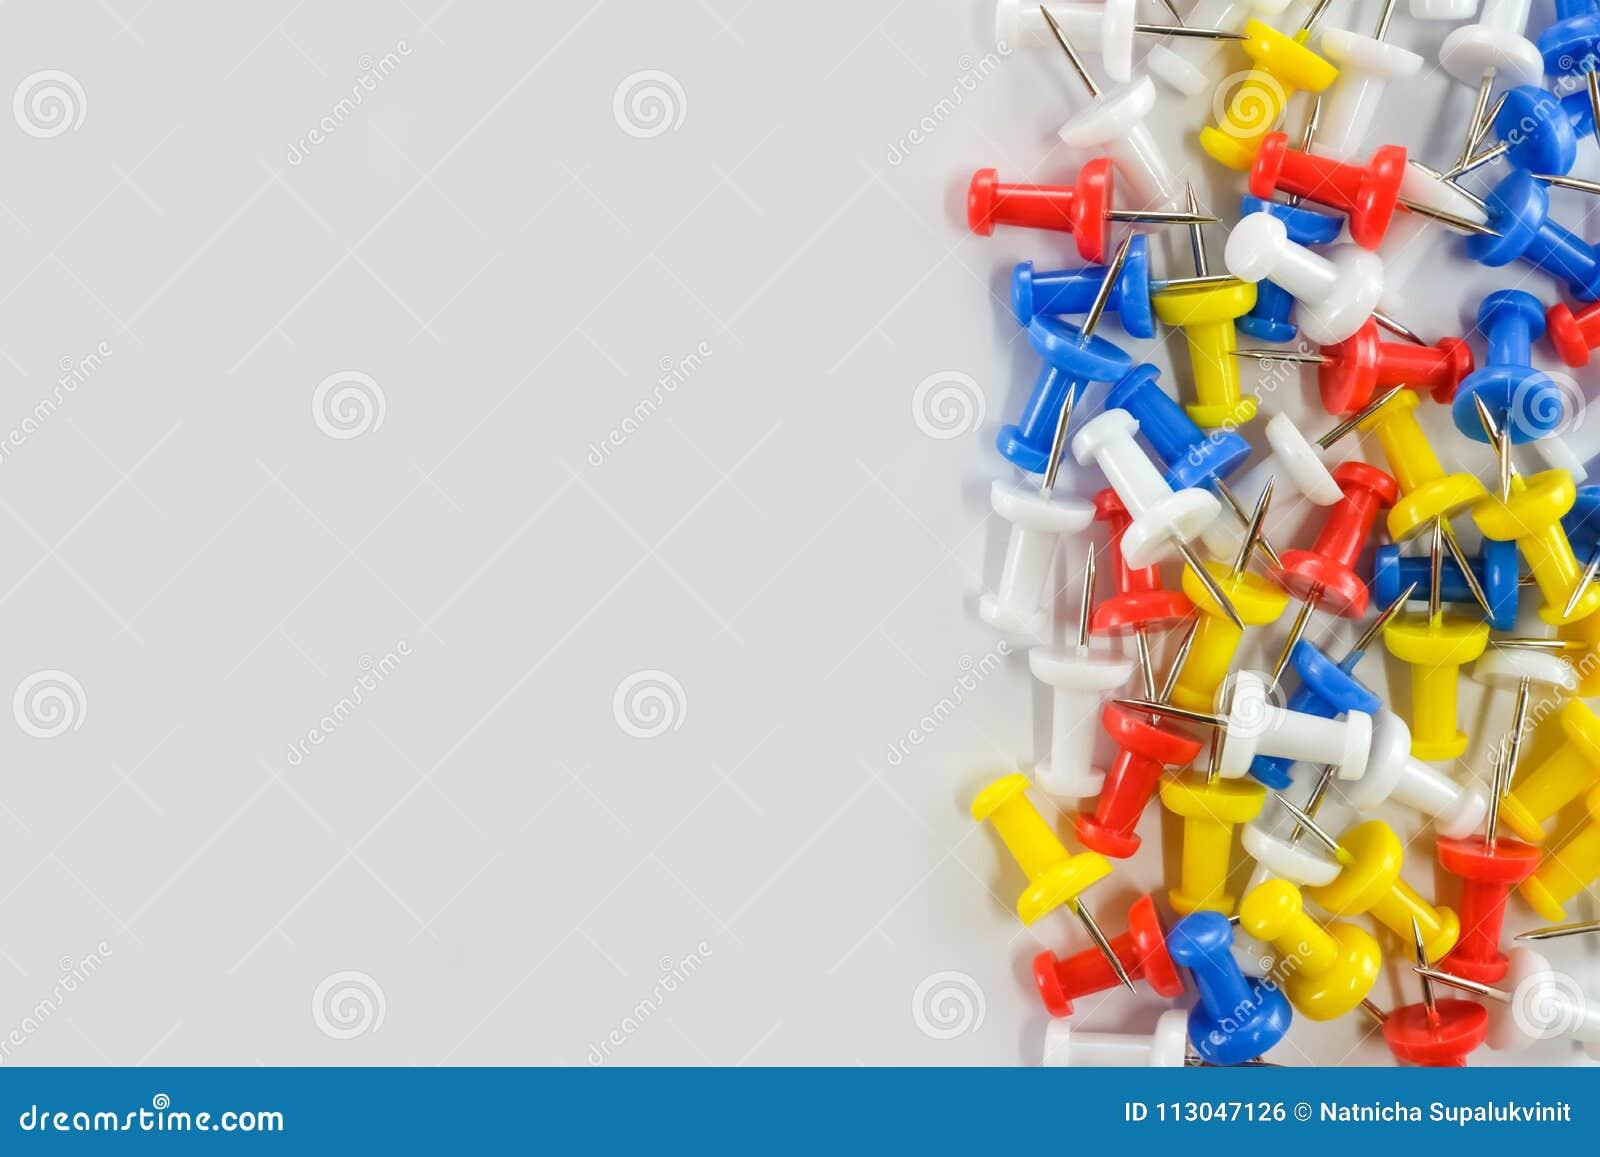 Colorez les goupilles de poussée groupe rouge, jaune, blanc, et bleu à droite du fond blanc